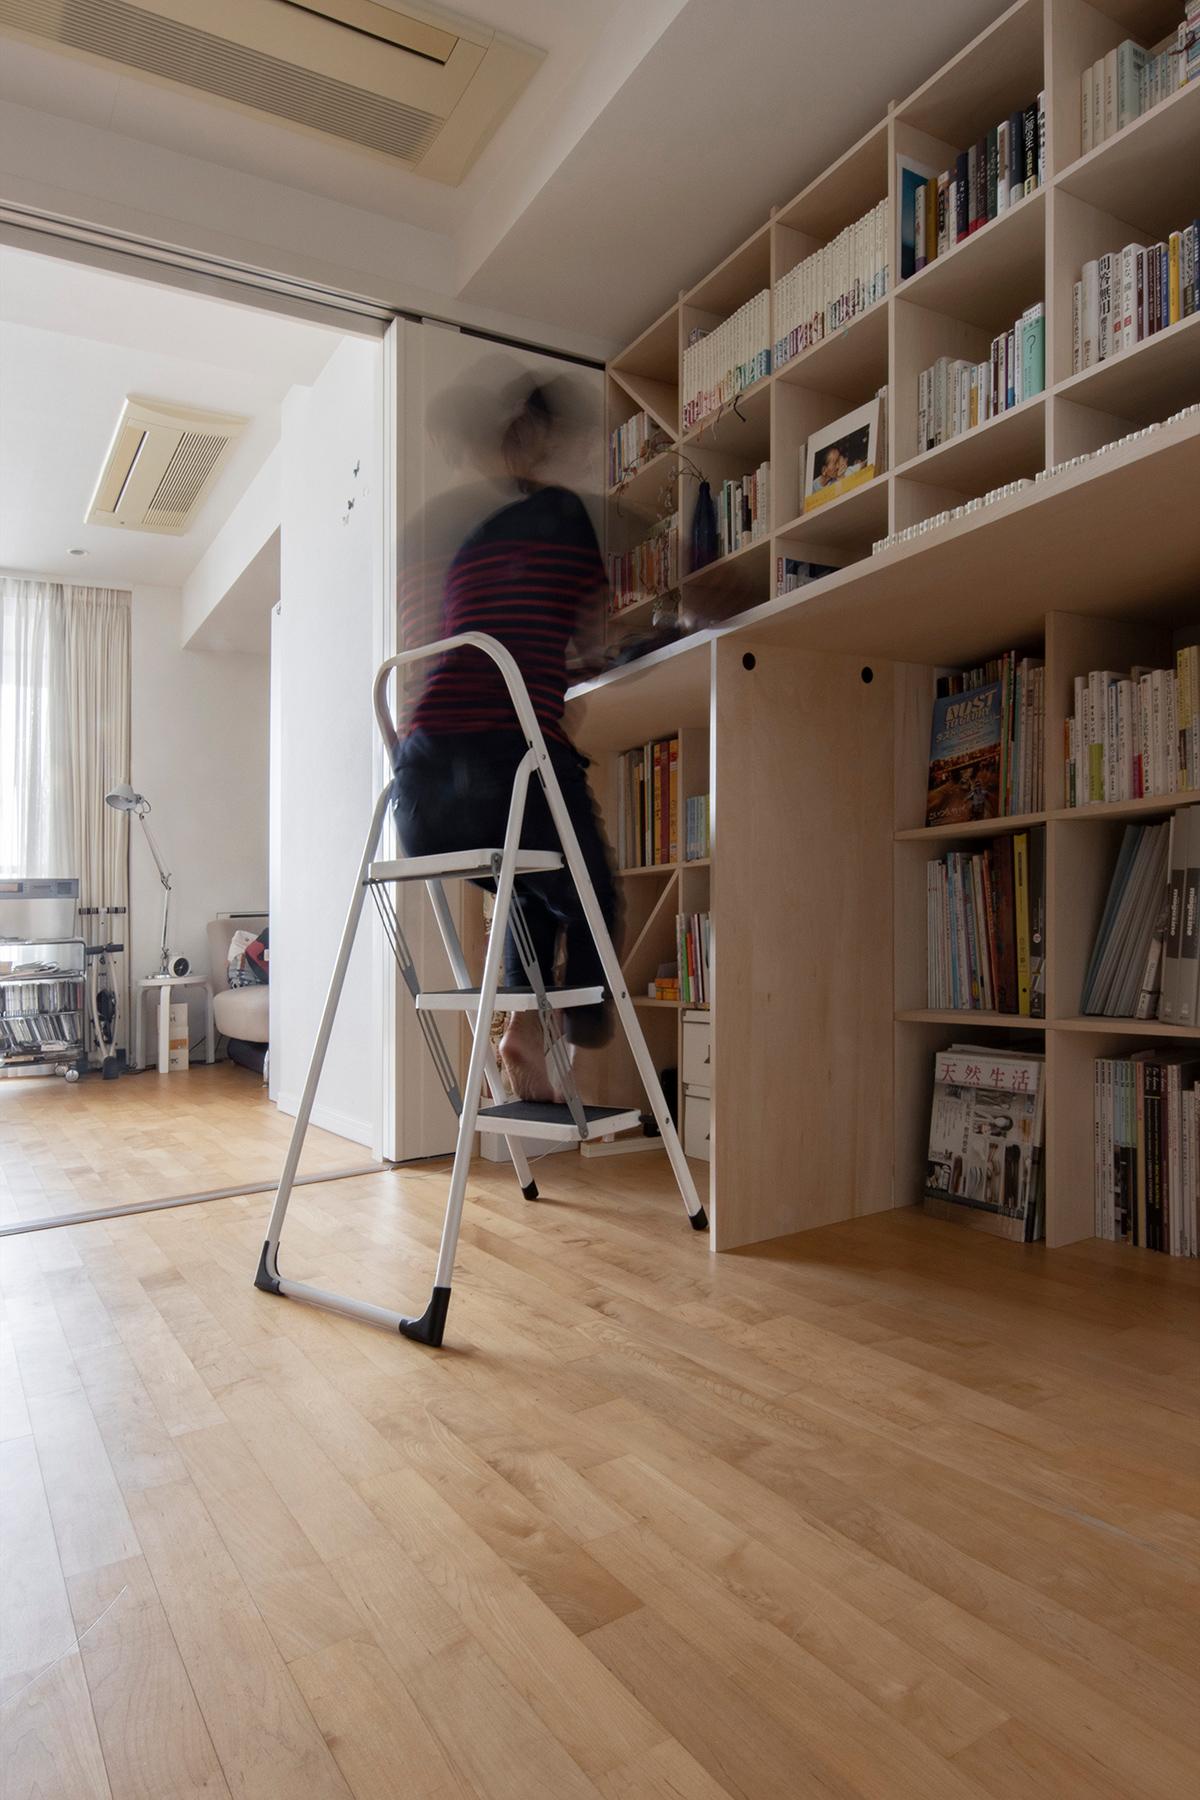 カウンター付本棚を1段高い位置に   カウンター付き本棚 / Shelf (No.40)   マルゲリータ使用例 シンプル おしゃれ 部屋 インテリア レイアウト